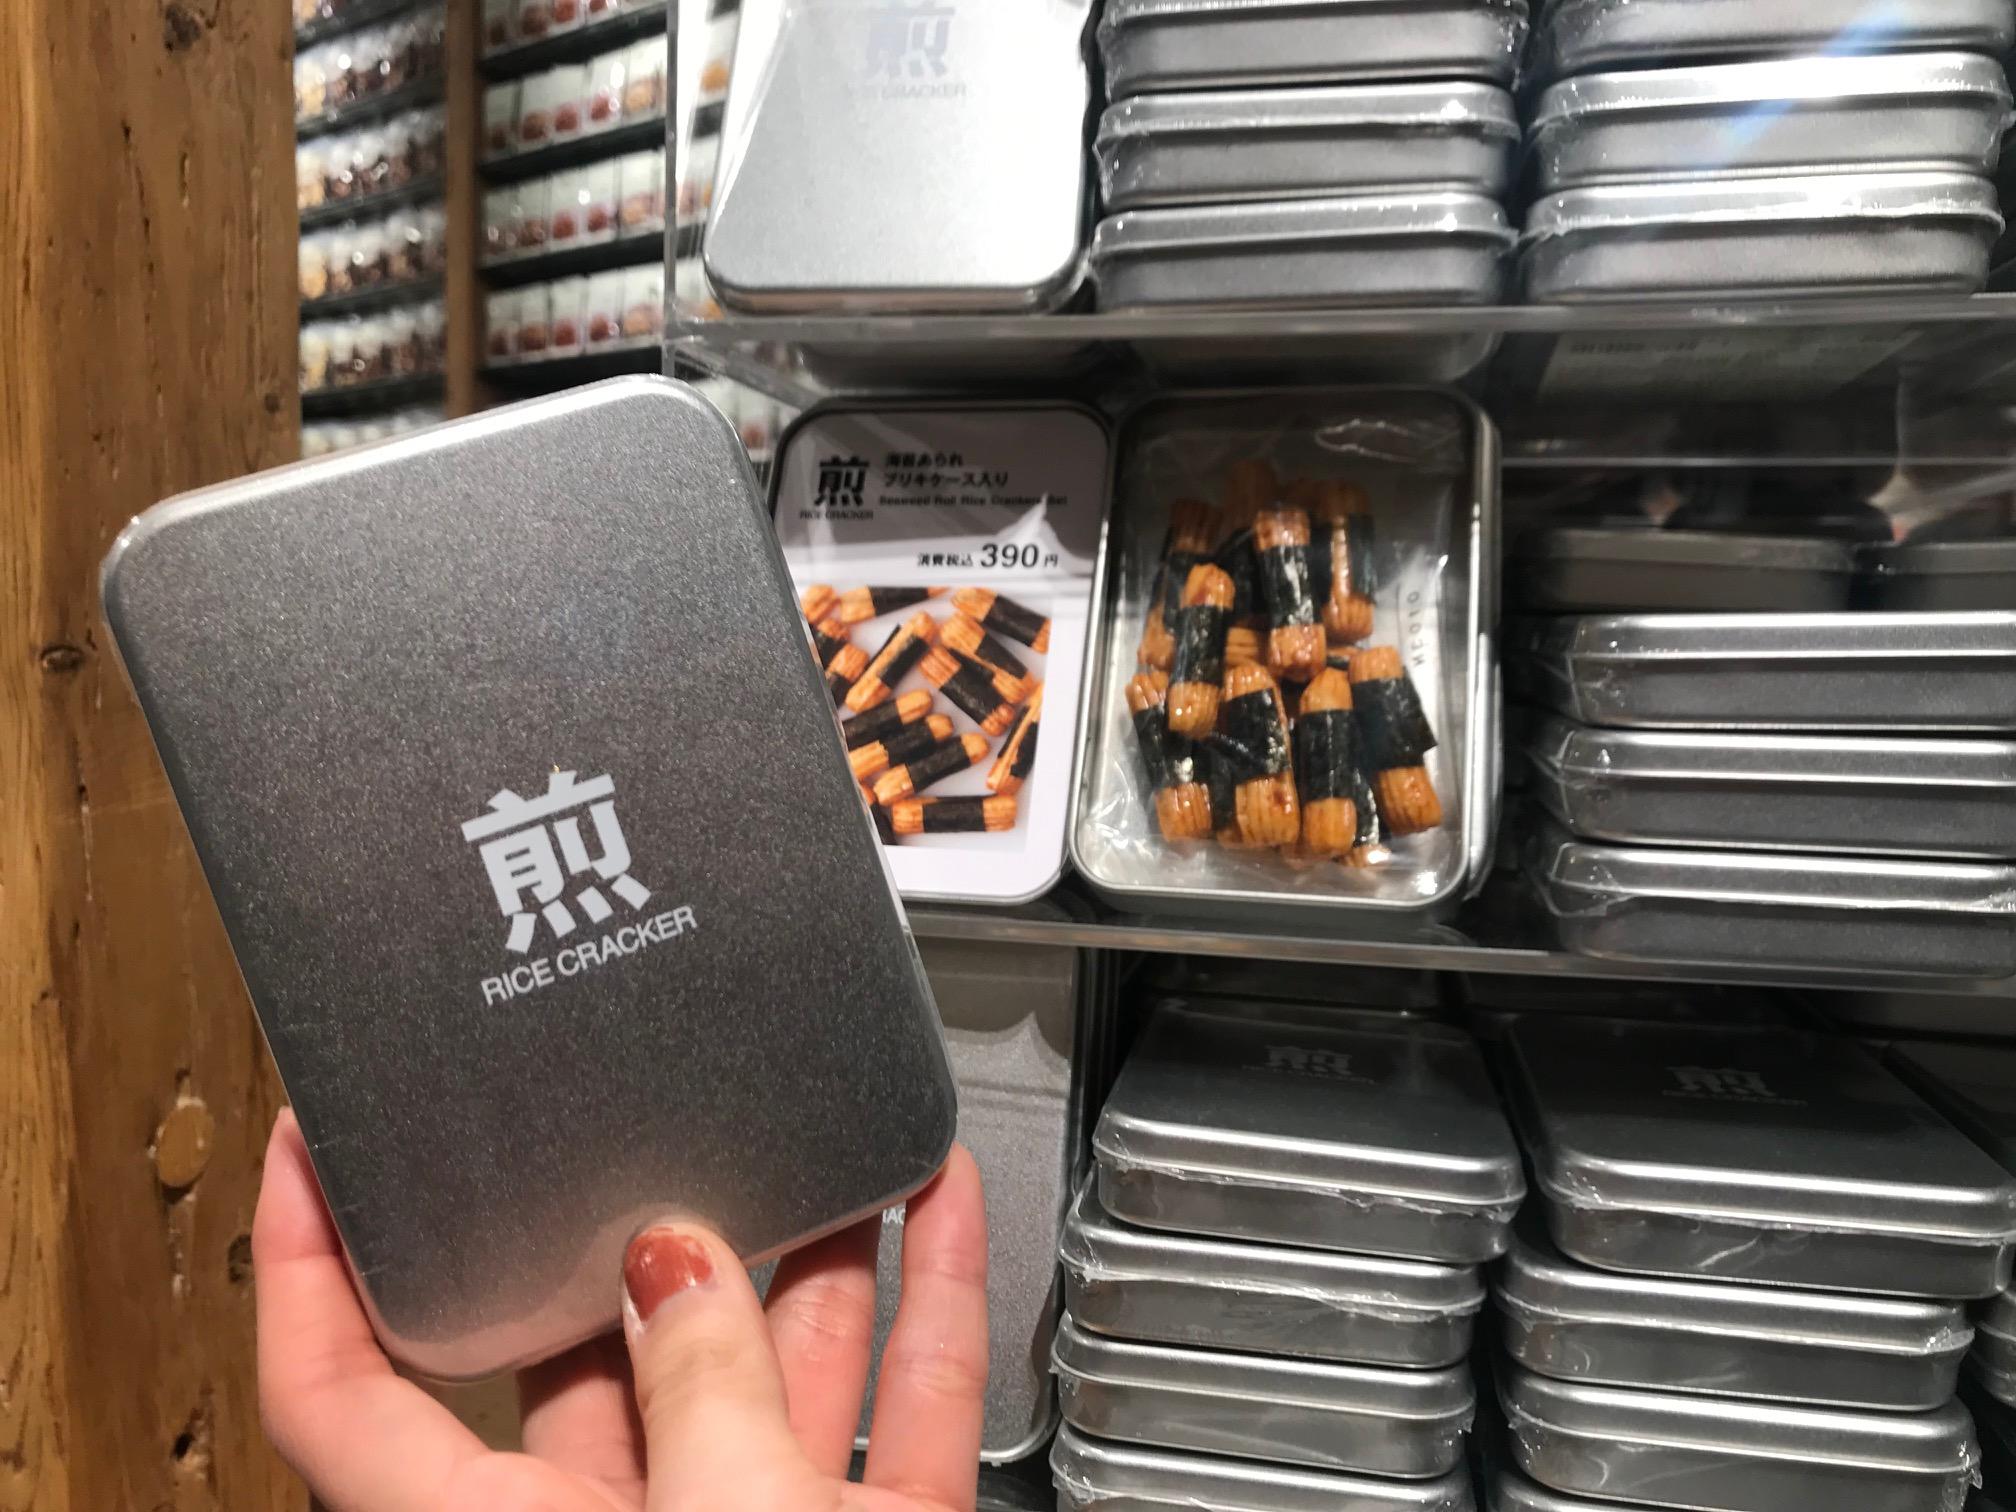 「無印良品 銀座」特集 - 無印良品の旗艦店OPEN!日本初のホテルやレストラン、限定商品まとめ_40